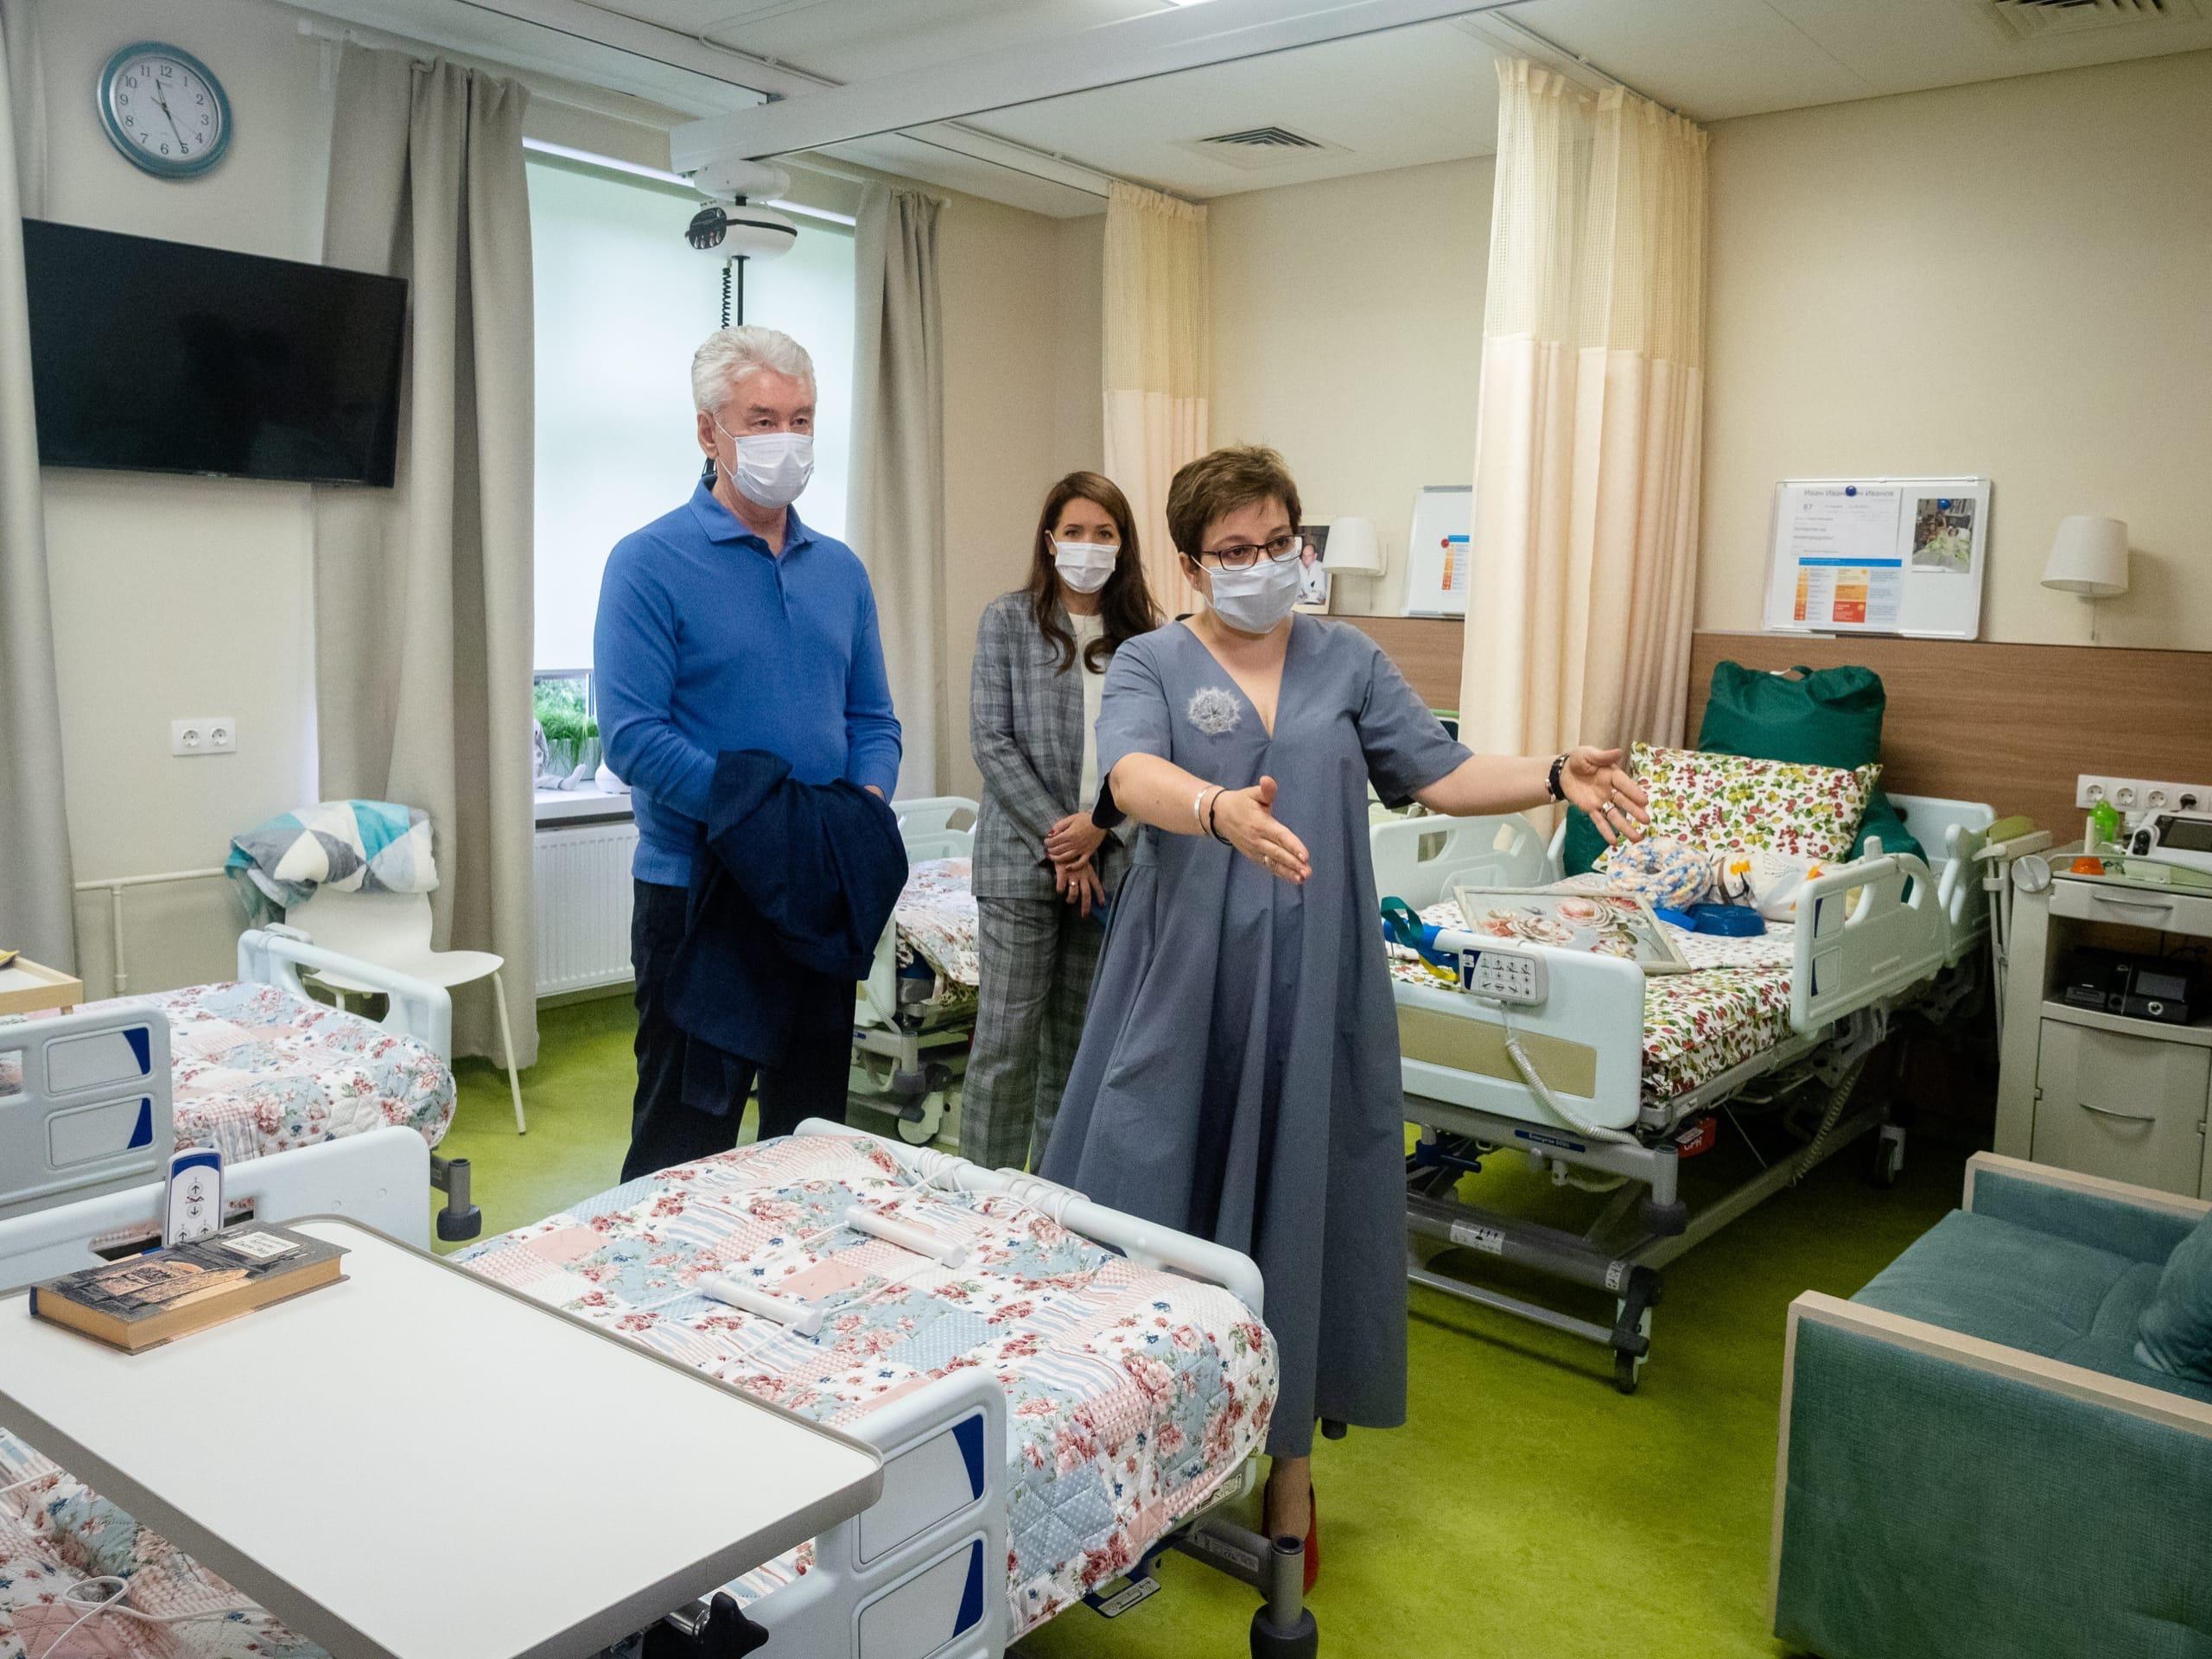 В Москве зафиксирован рост числа заболеваемости ОРВИ и пневмонией